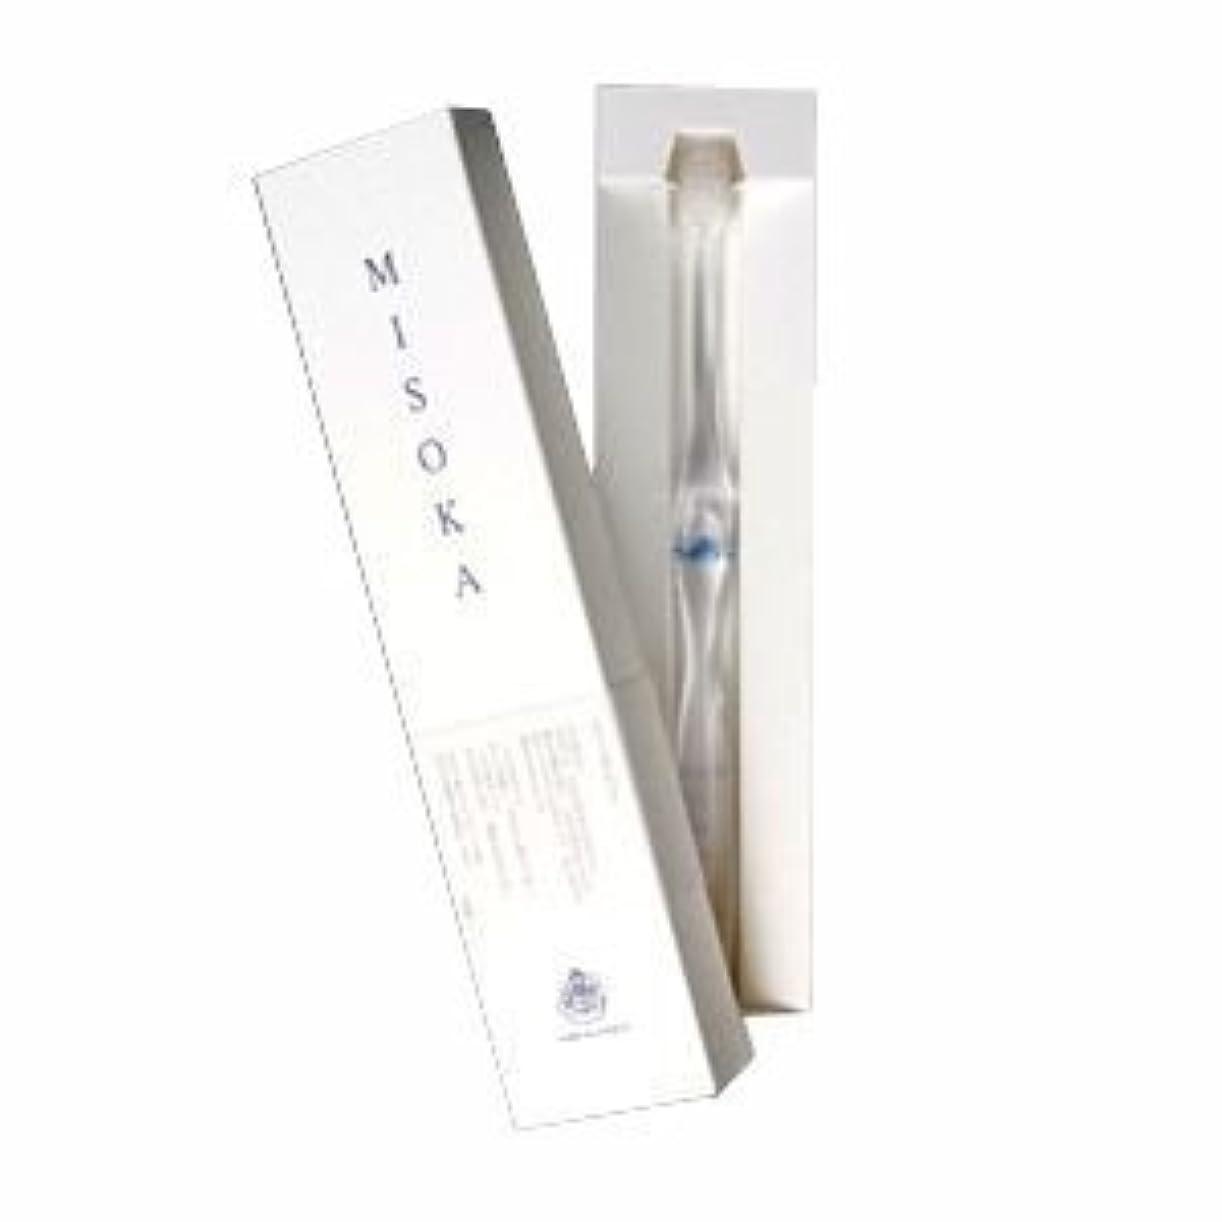 石油効能ある味方misoka ミソカ歯ブラシ (藍色) 水でツルツルになるナノテク歯ブラシ